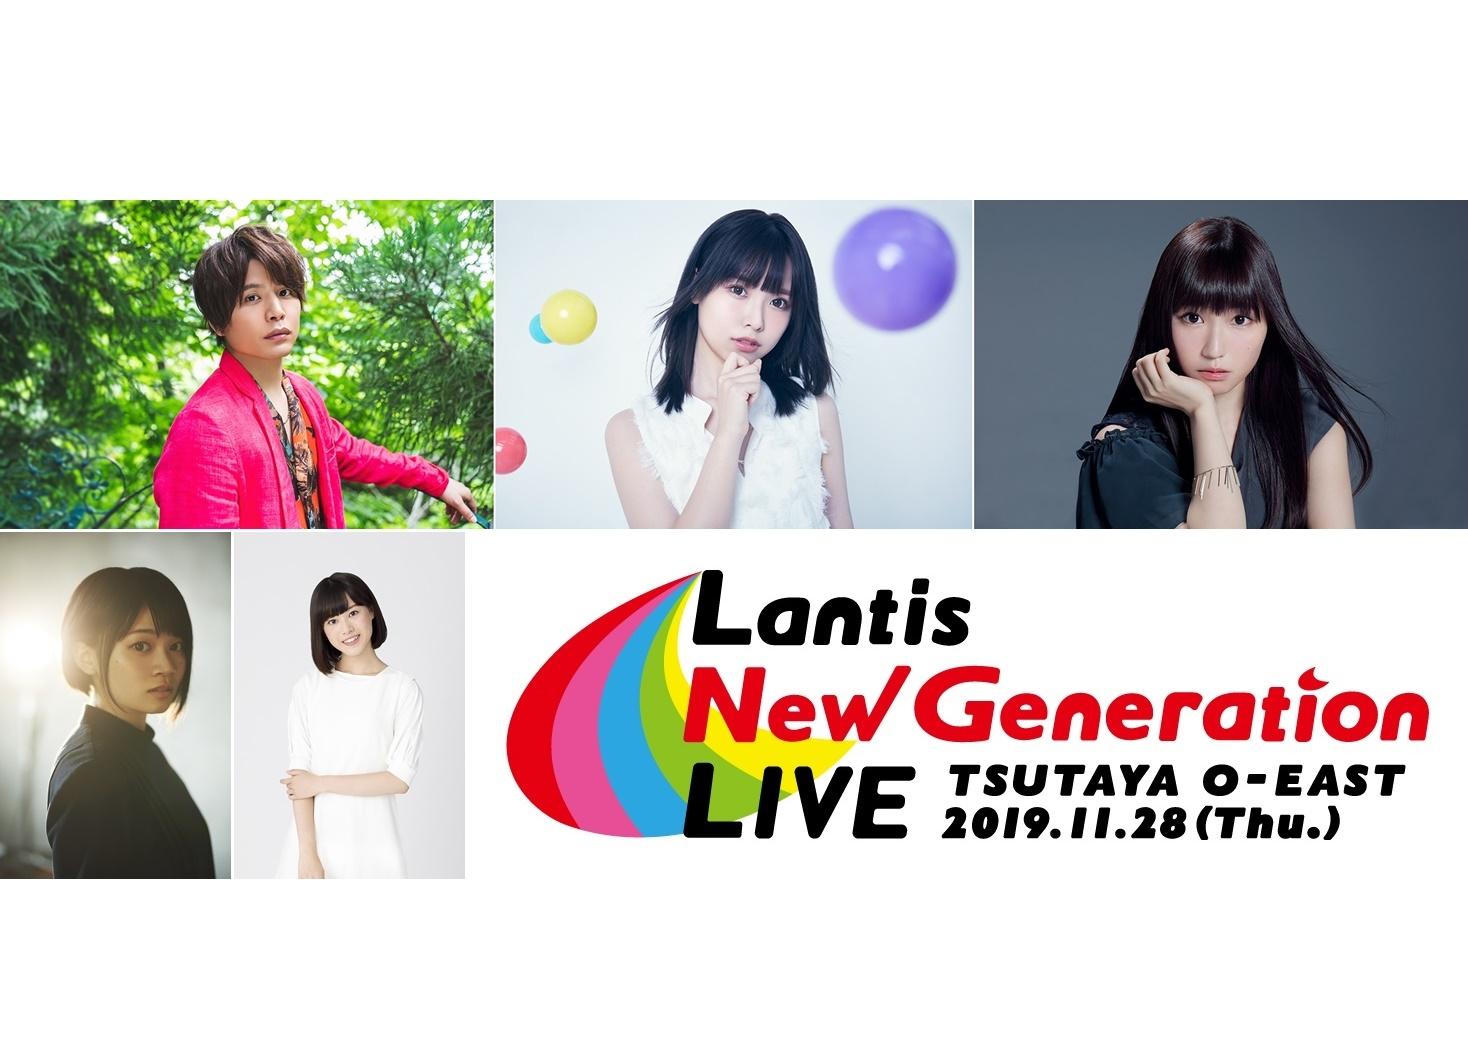 ランティス次世代アーティストが集う「Lantis New Generation LIVE」開催